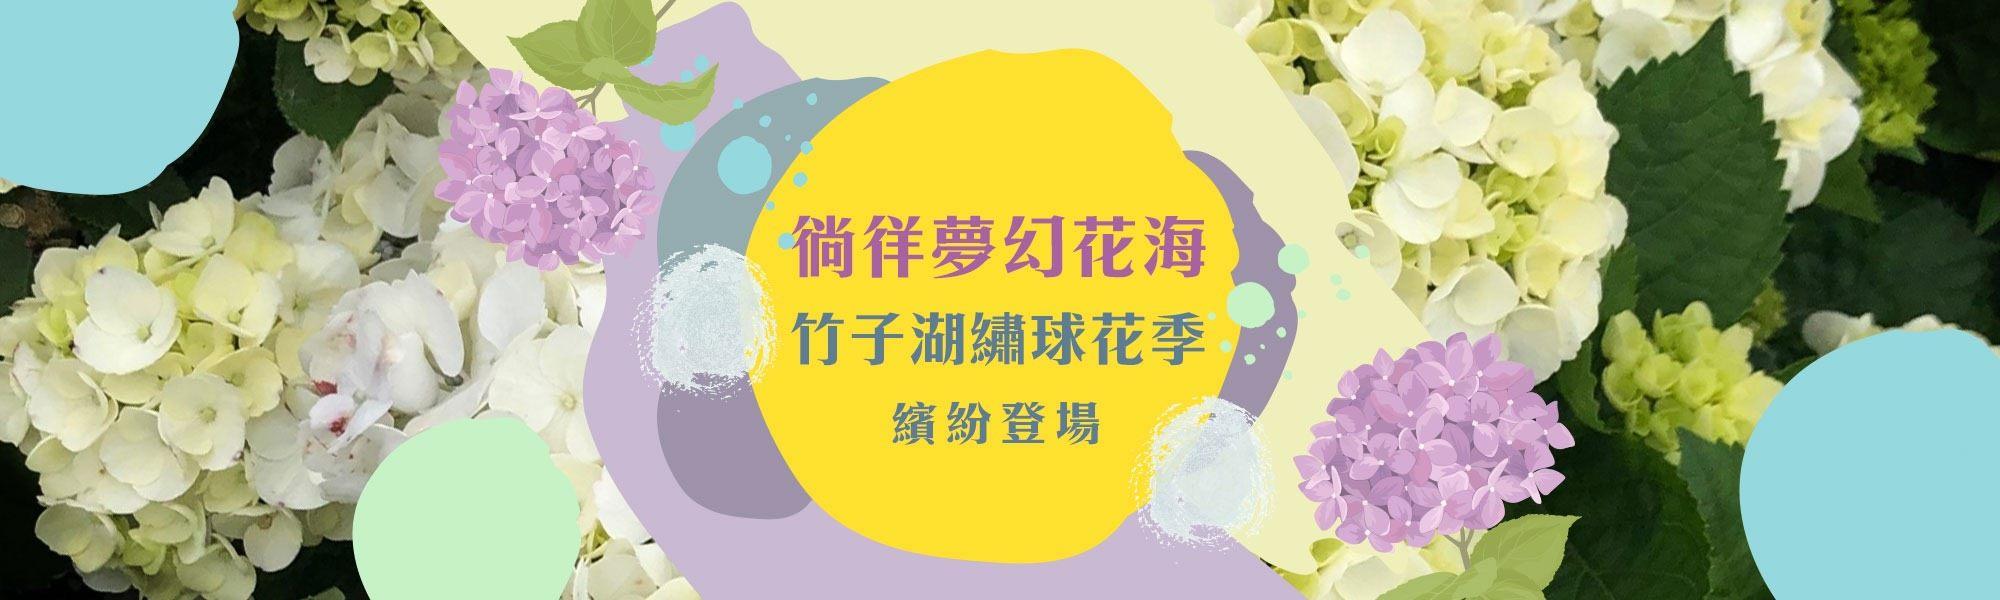 竹子湖繡球花季5月18日登場 7大地景花藝供民眾上山拍照打卡